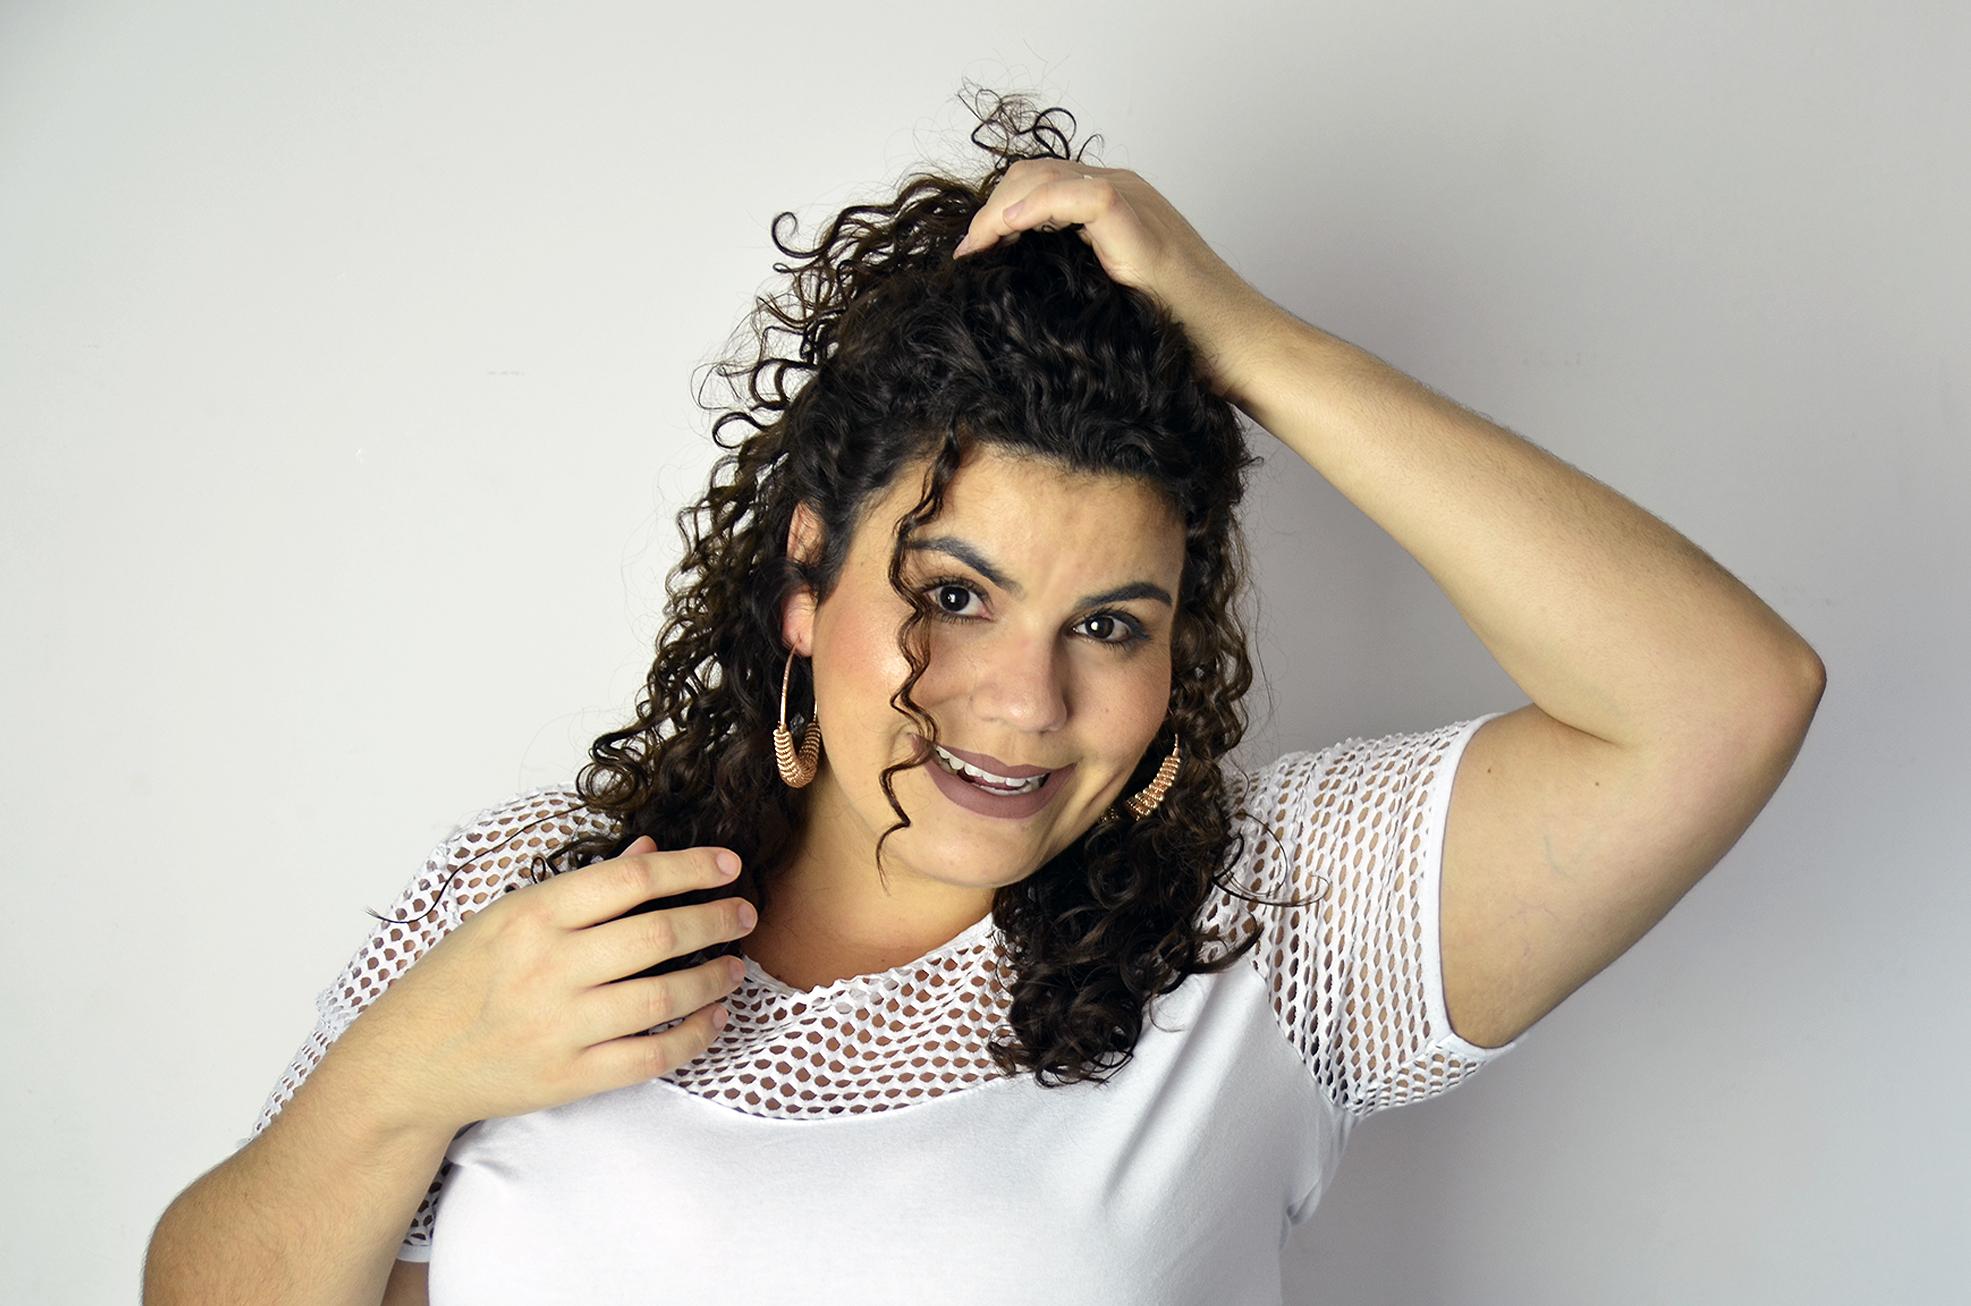 Foto02 CamilaCura - Penteado Half bun: conheça o passo a passo